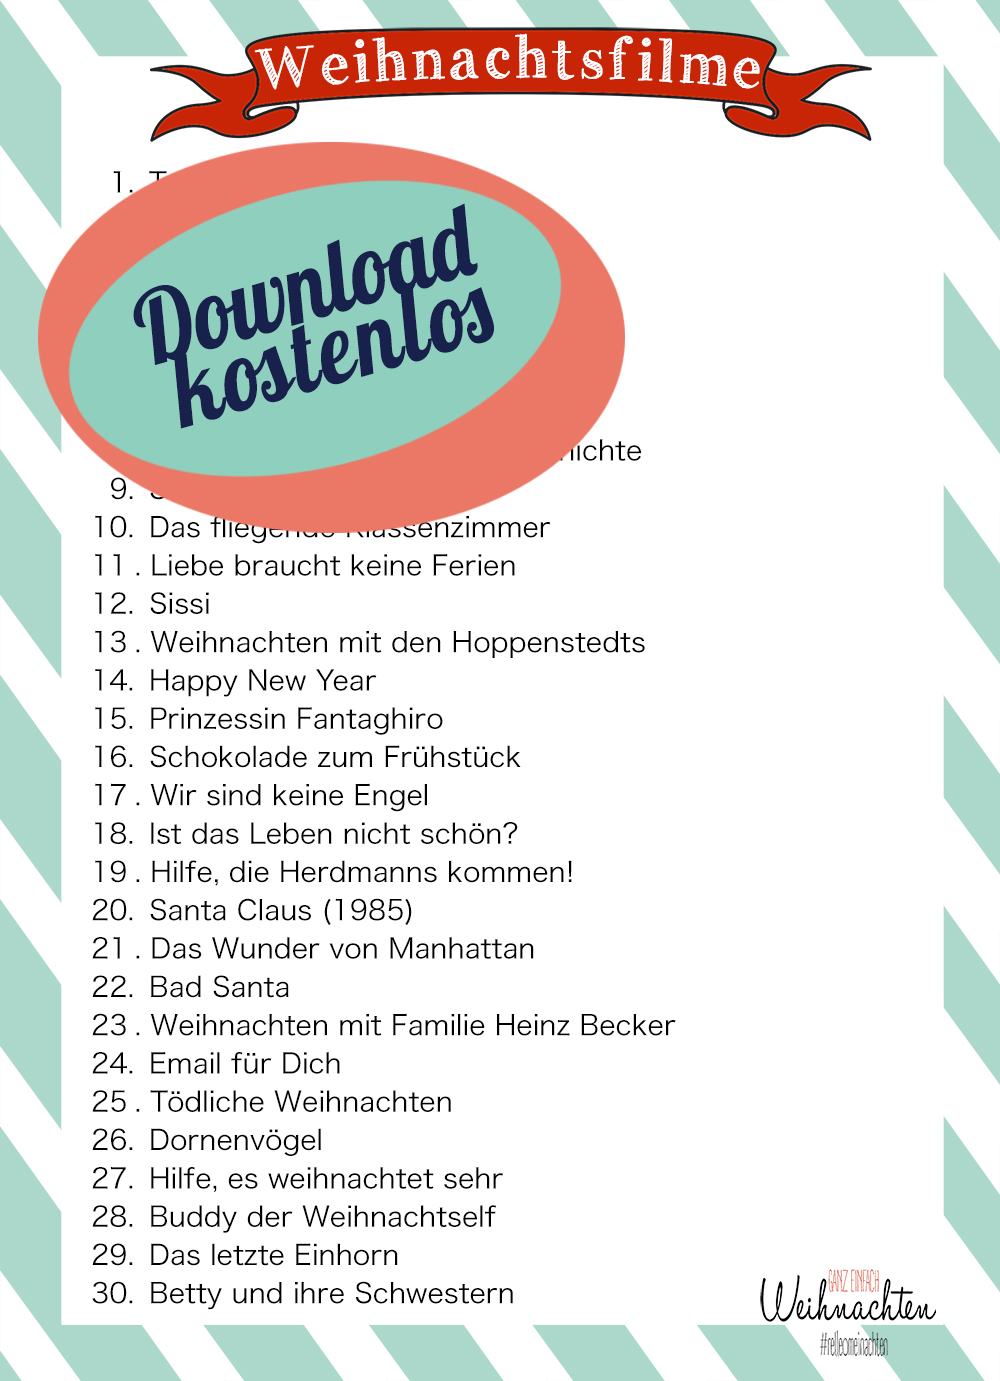 Top 30 Weihnachtsfilme - kostenloser Download Weihnachtsfilmliste   relleomein.de